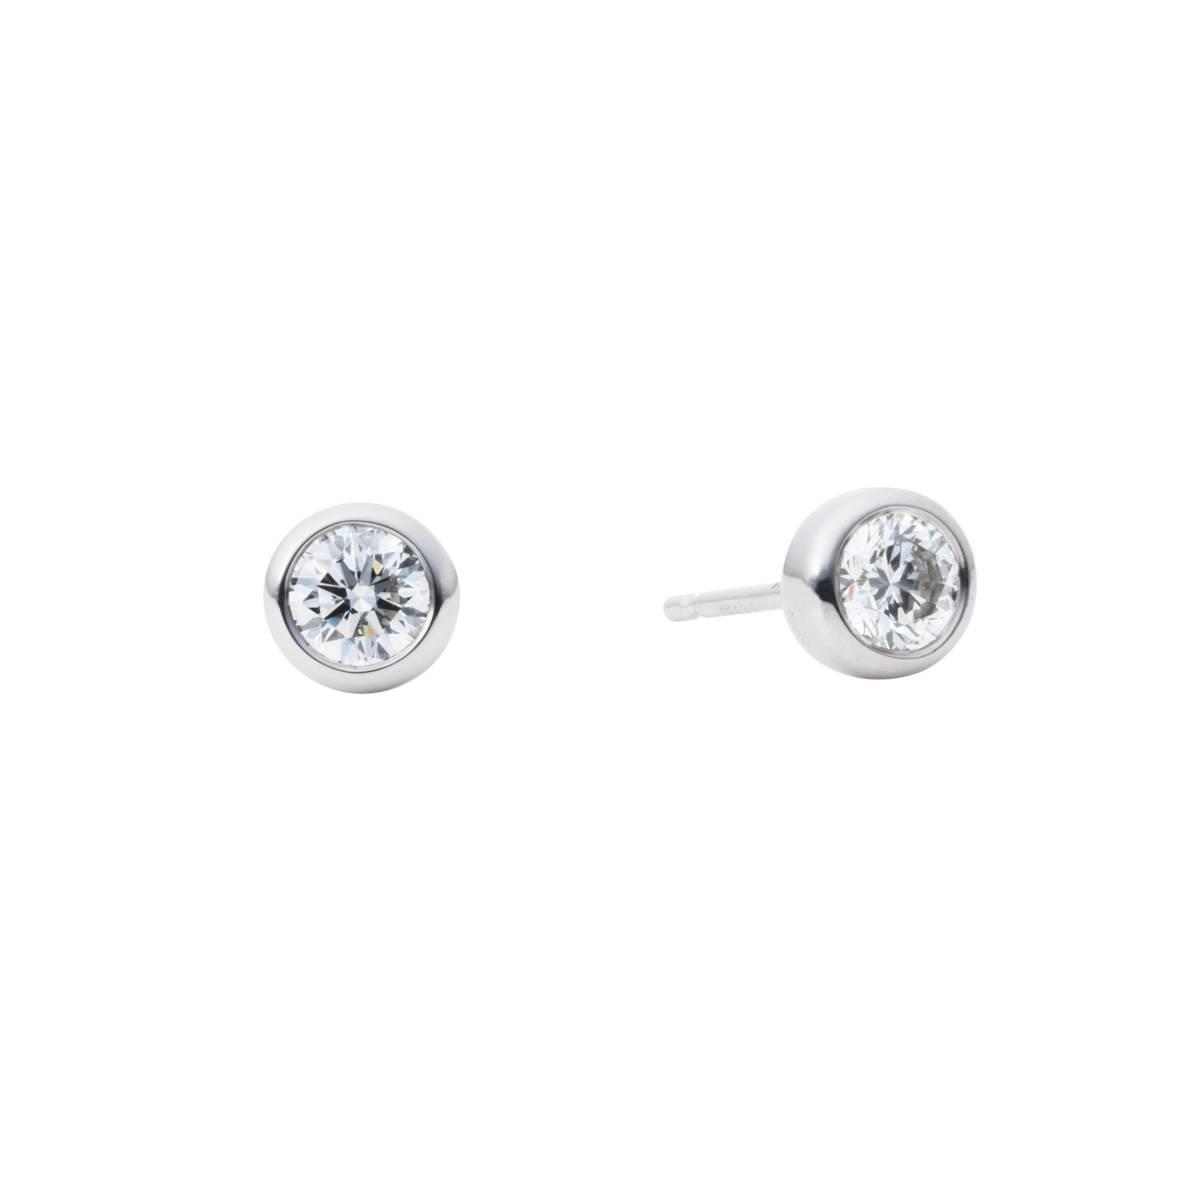 ◆【極上】プラチナ pt900 ダイヤモンド ピアス 3EX(H&C) 0.608ct 憧れの一品!diamond 2Pとも中宝鑑付き! 【珠玉】◆_ポストも0.8mmでしっかりとしたお作りです